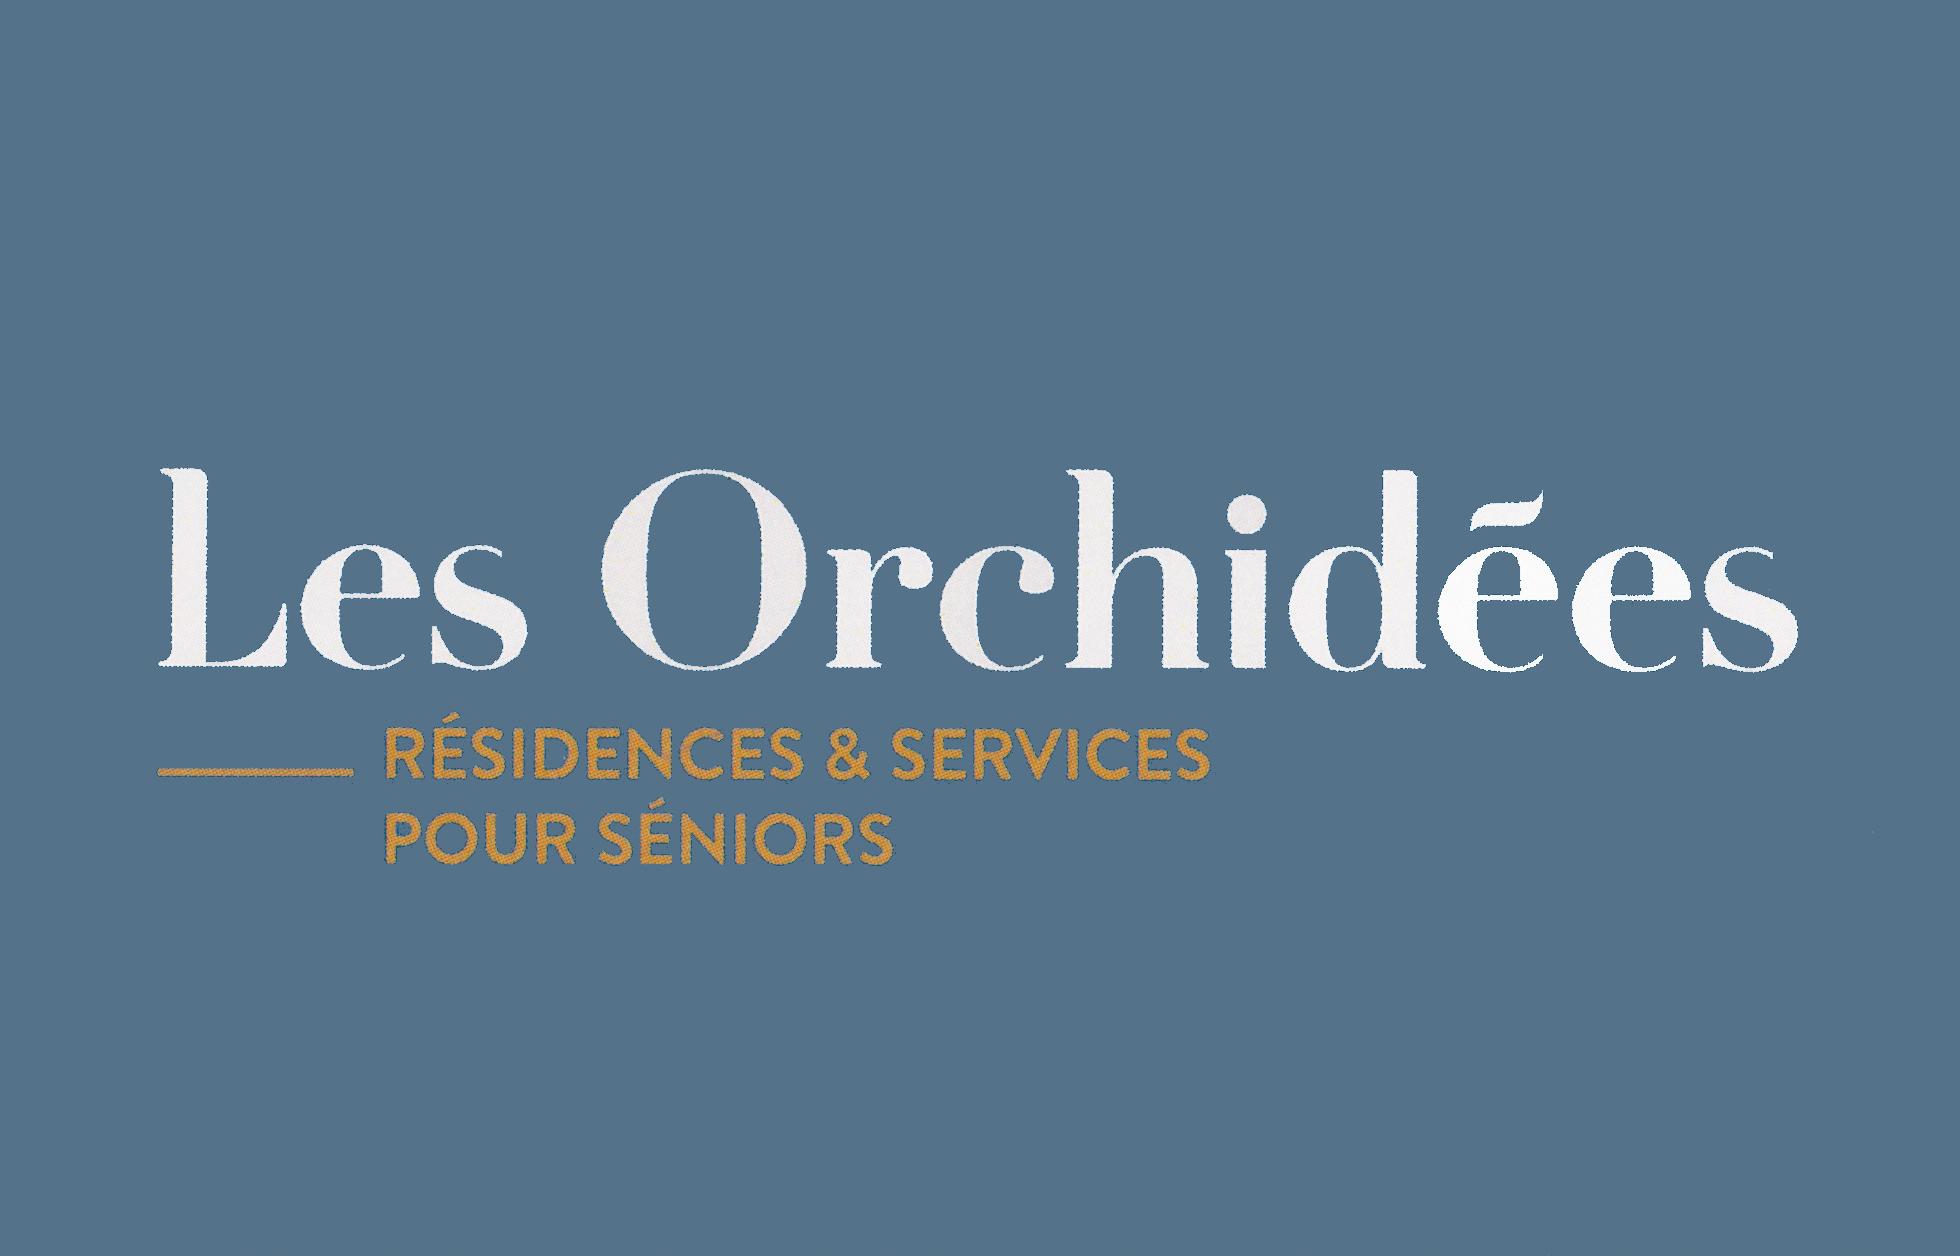 Les Orchidées – Résidences séniors de standing